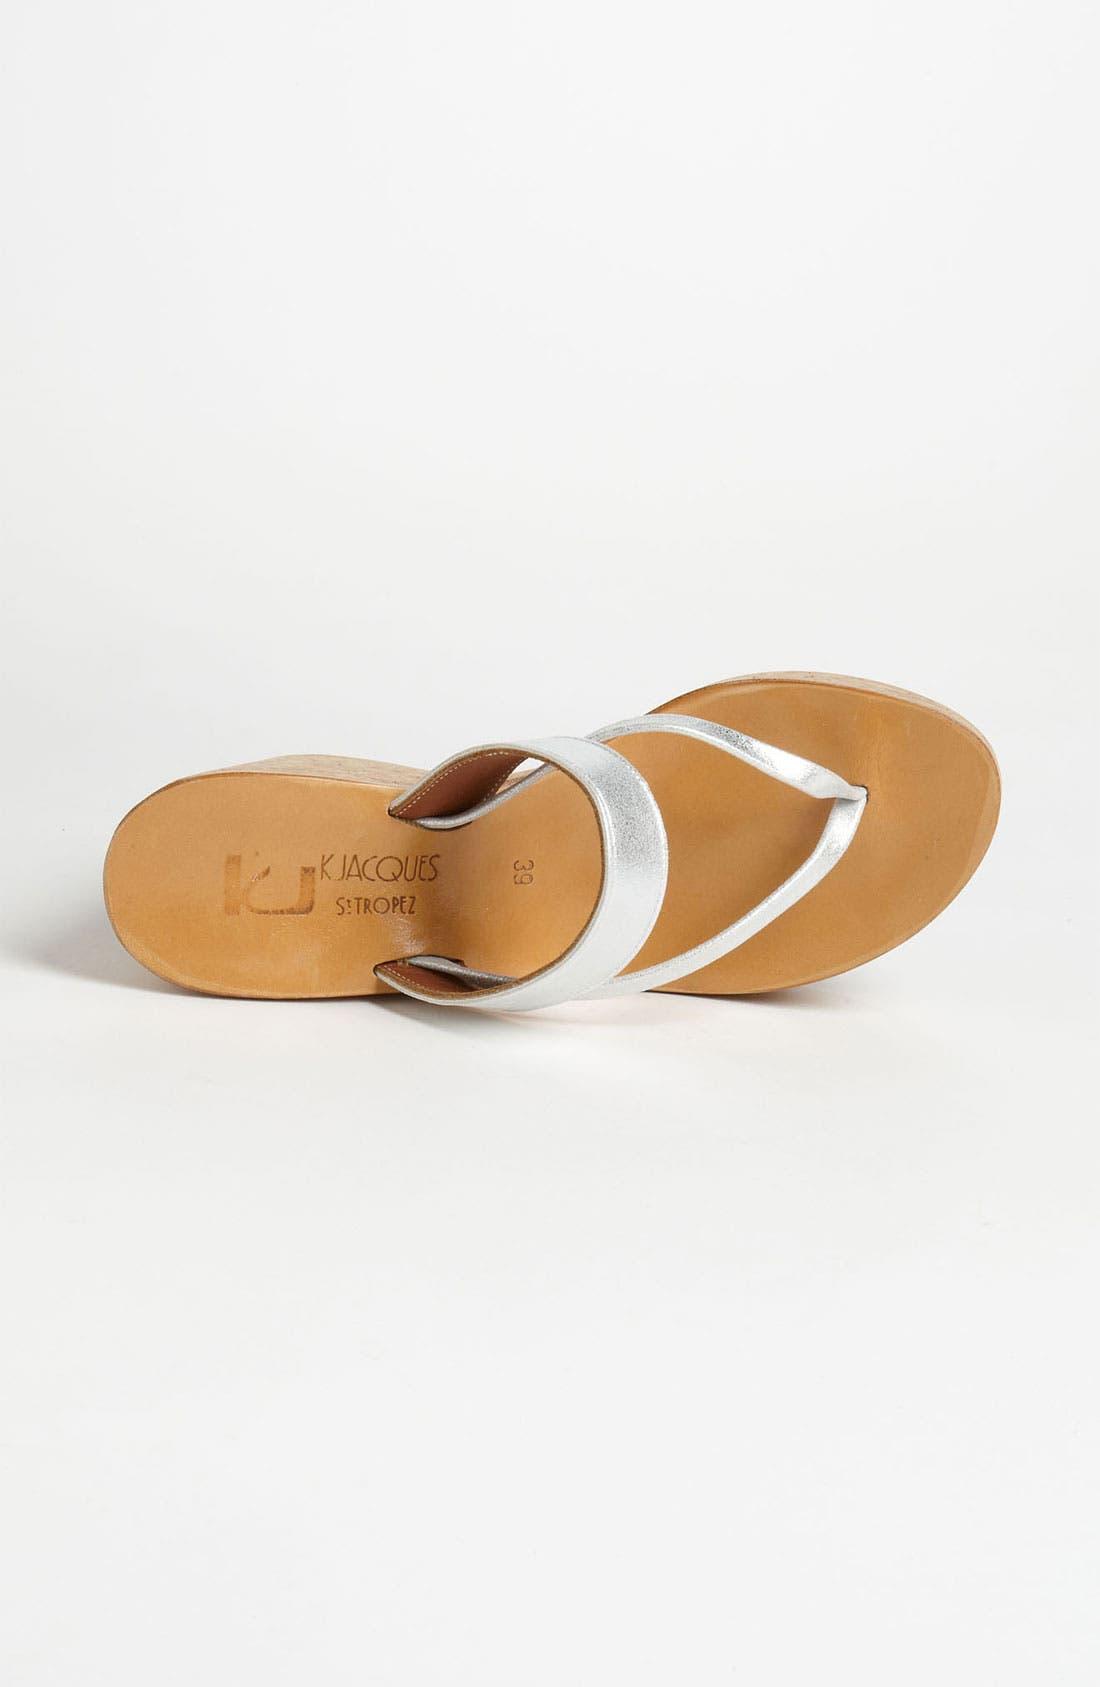 K.JACQUES ST. TROPEZ,                             'Saturnine' Cork Wedge Sandal,                             Alternate thumbnail 3, color,                             040